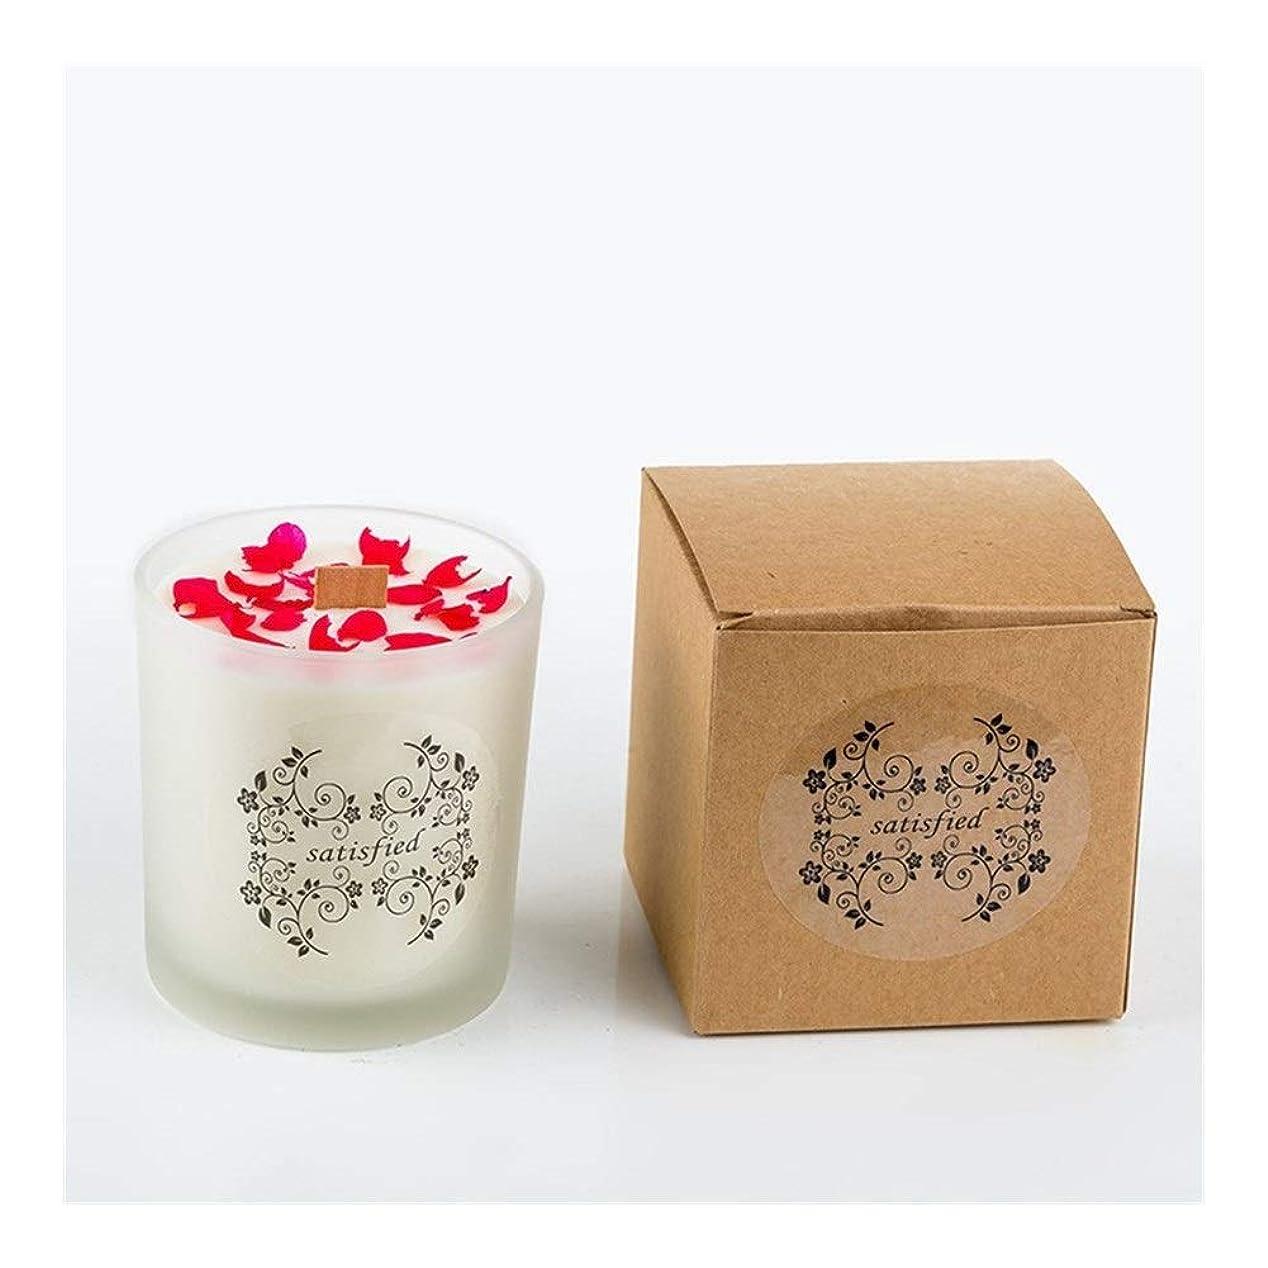 囲まれた応答ラジウムZtian ロマンチックな香りのキャンドルエッセンシャルオイル大豆ワックスガラスアロマセラピーロマンチックな誕生日ギフトの提案無煙の香り (色 : Xiang Xuelan)